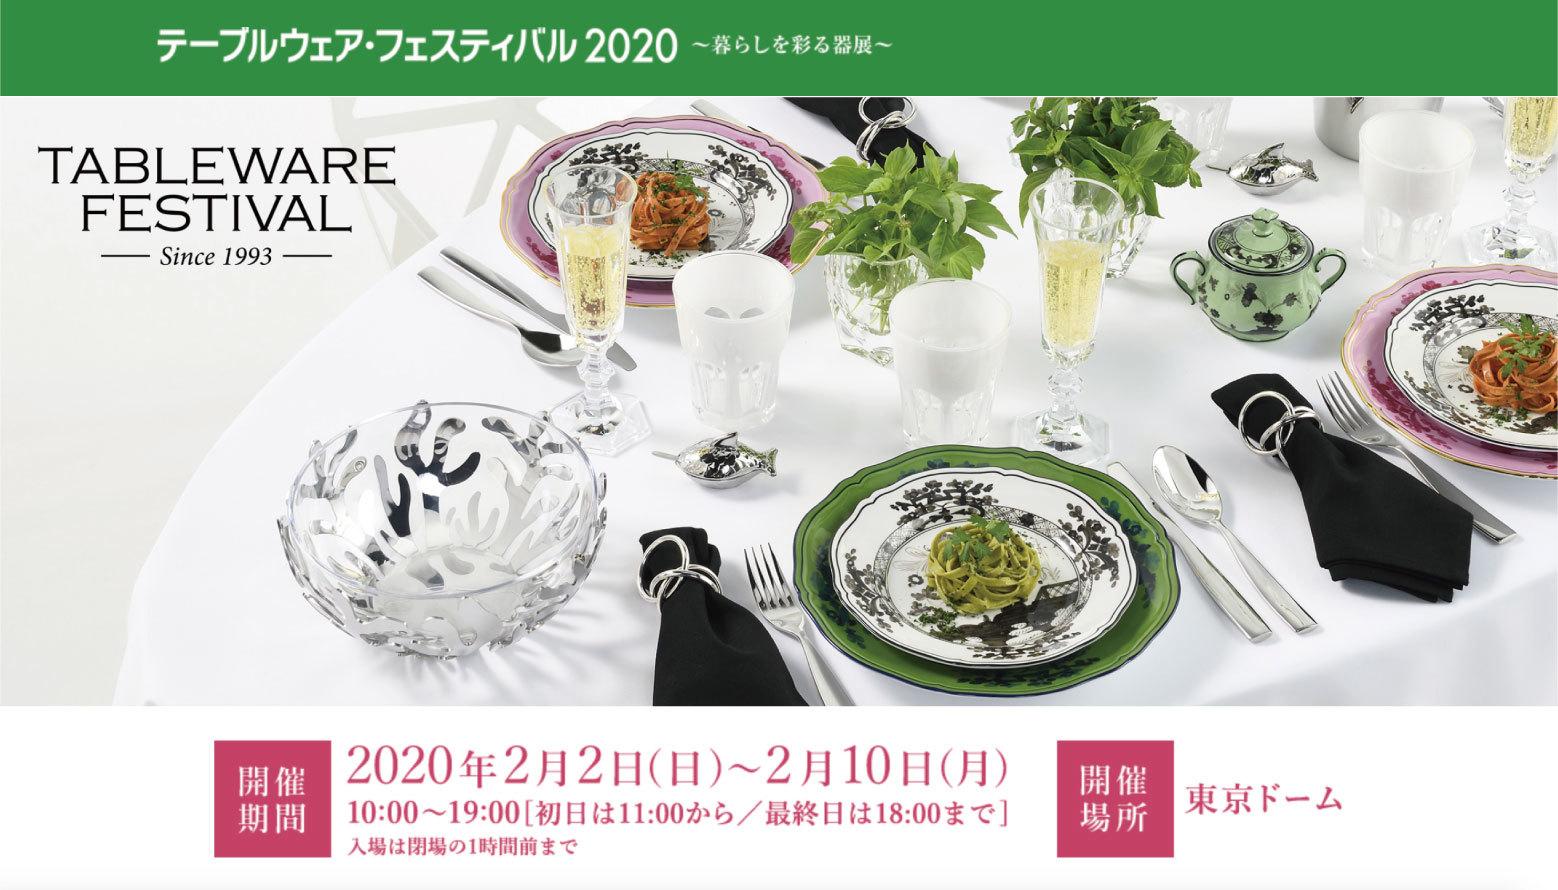 テーブルウェアフェスティバル2020 ~暮らしを彩る器展~ に今年も出店します_b0289777_13065862.jpg